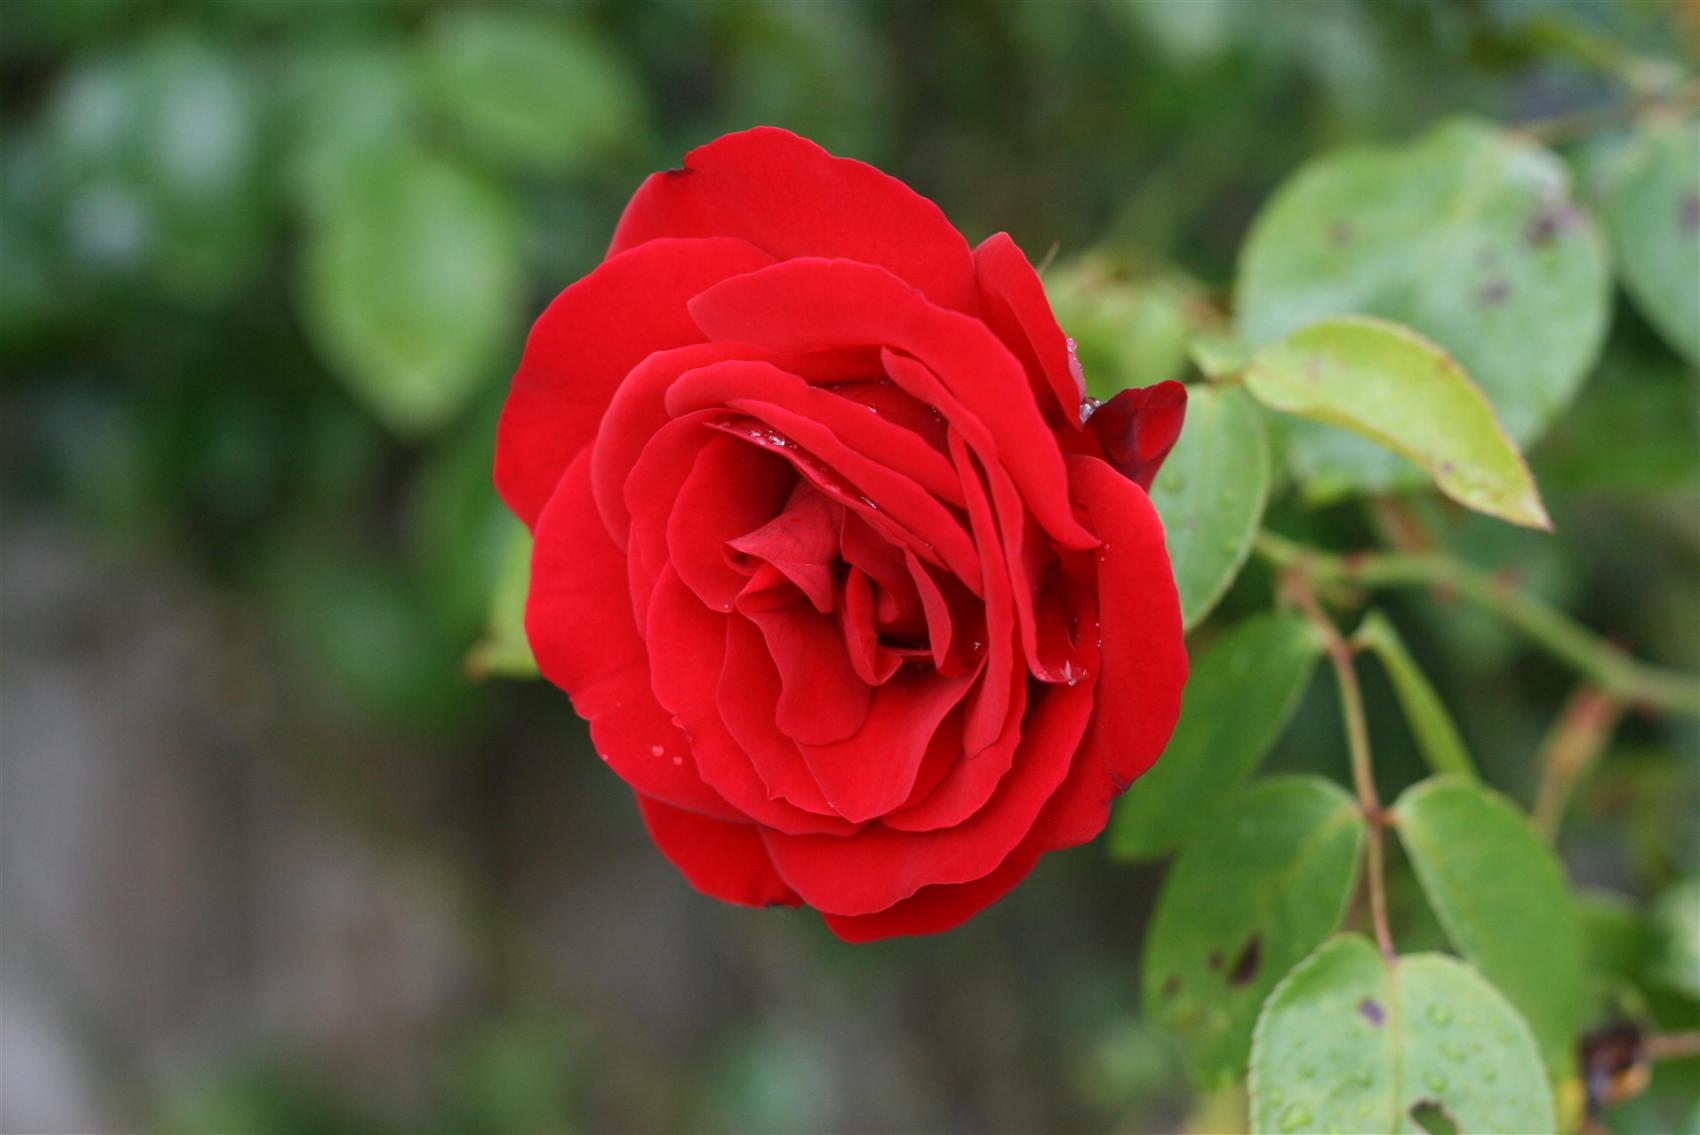 صورة اجمل صور الورد , الجمال يتكلم بحب 5915 4